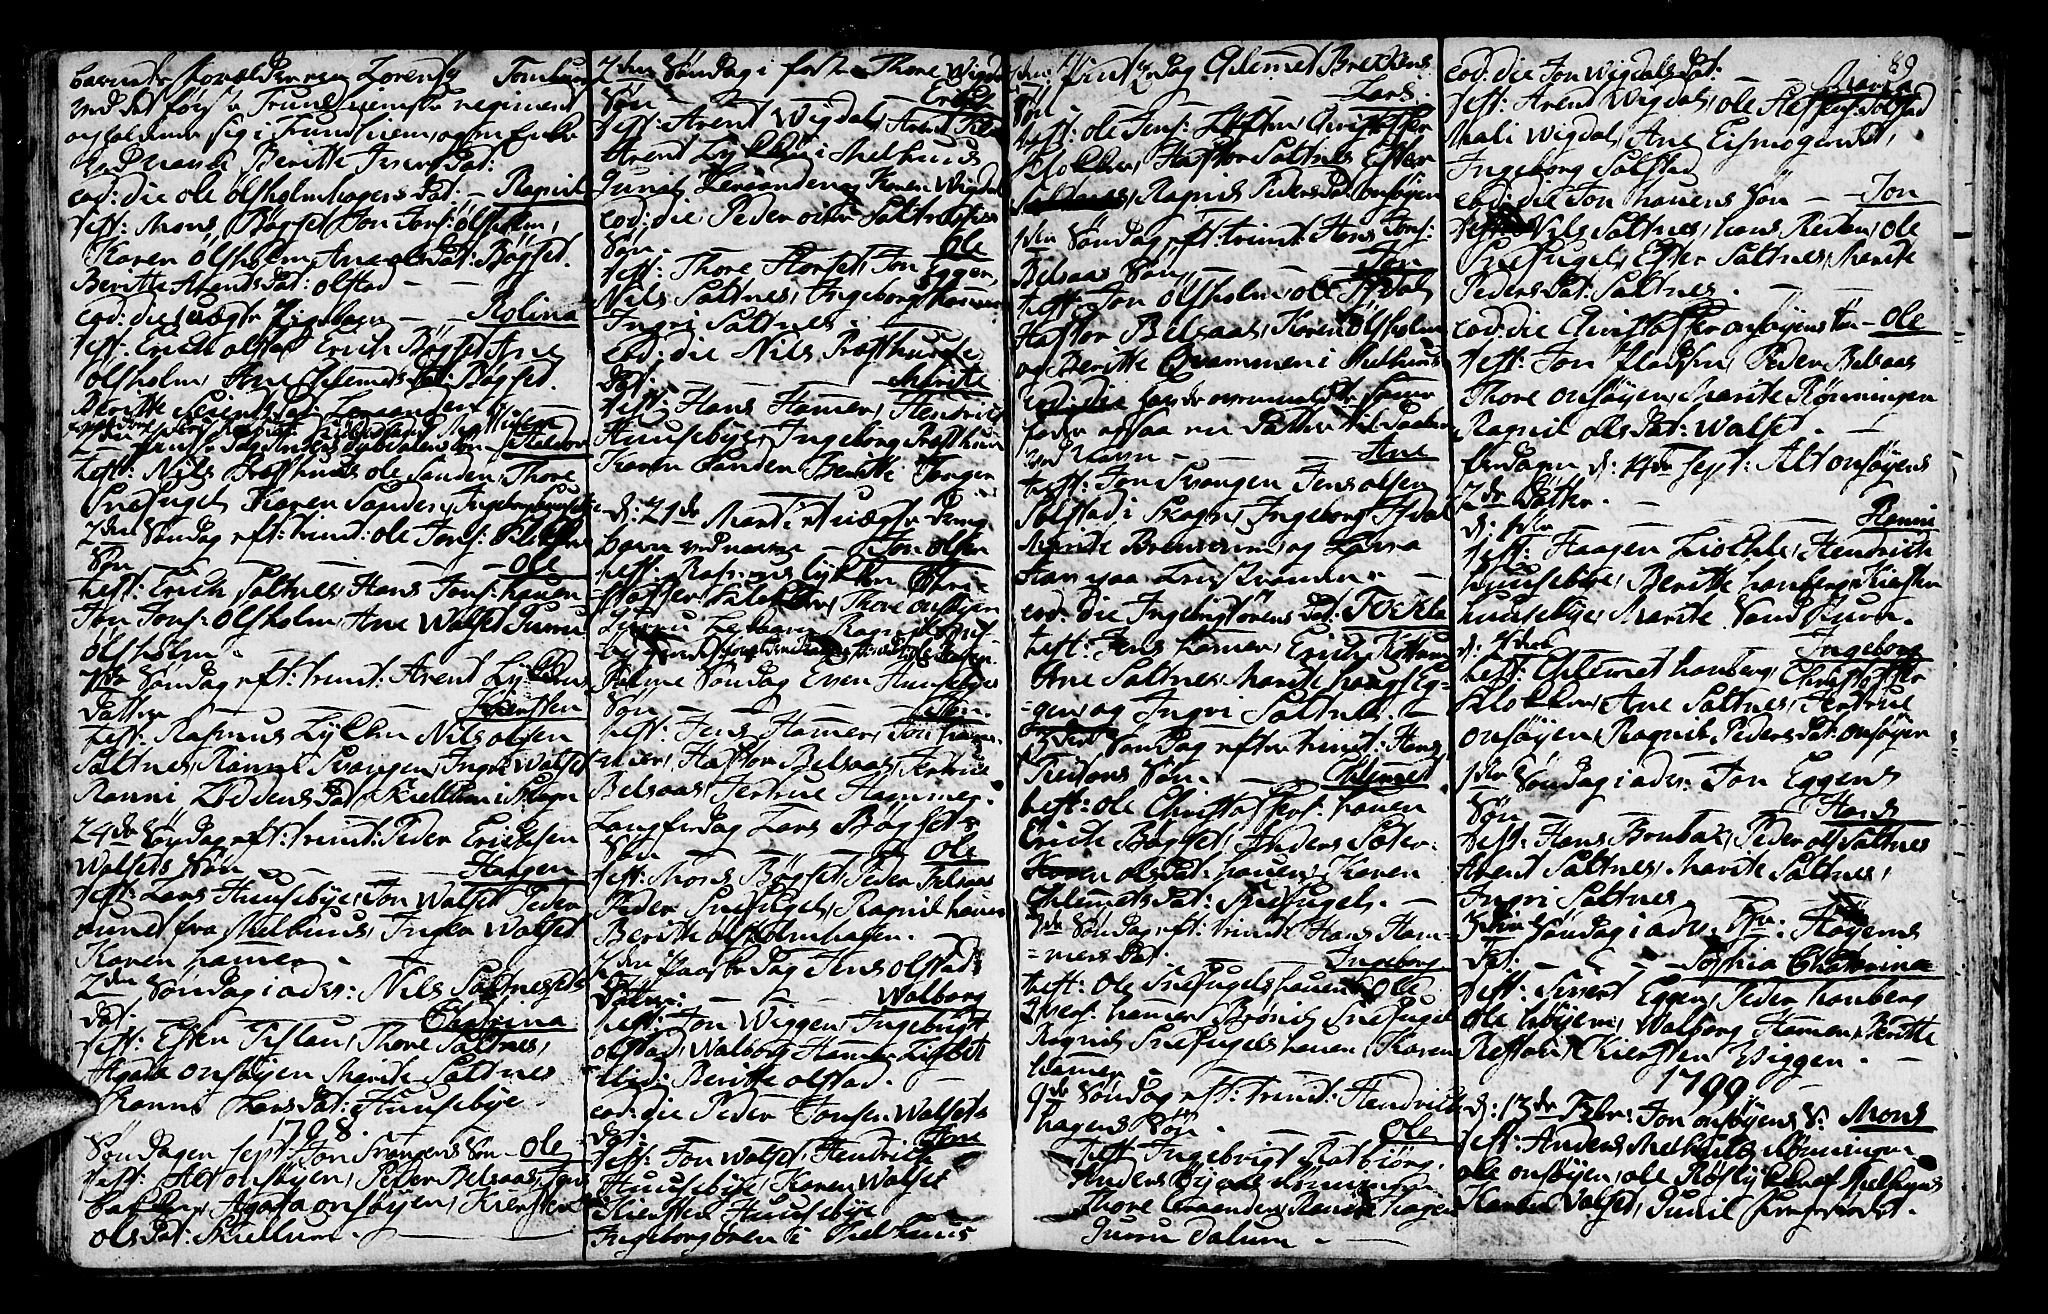 SAT, Ministerialprotokoller, klokkerbøker og fødselsregistre - Sør-Trøndelag, 666/L0784: Ministerialbok nr. 666A02, 1754-1802, s. 89